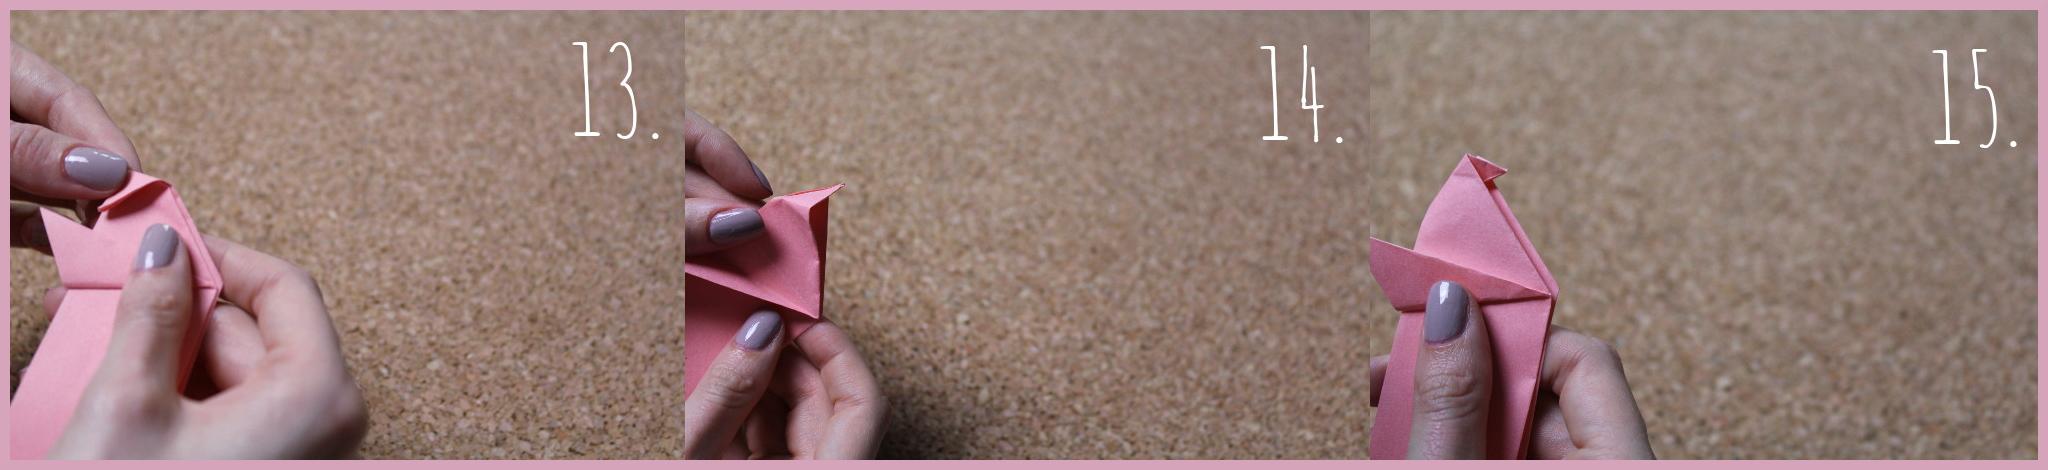 Origami Schwein Bastelanleitung von frau friemel Schritt 13-15